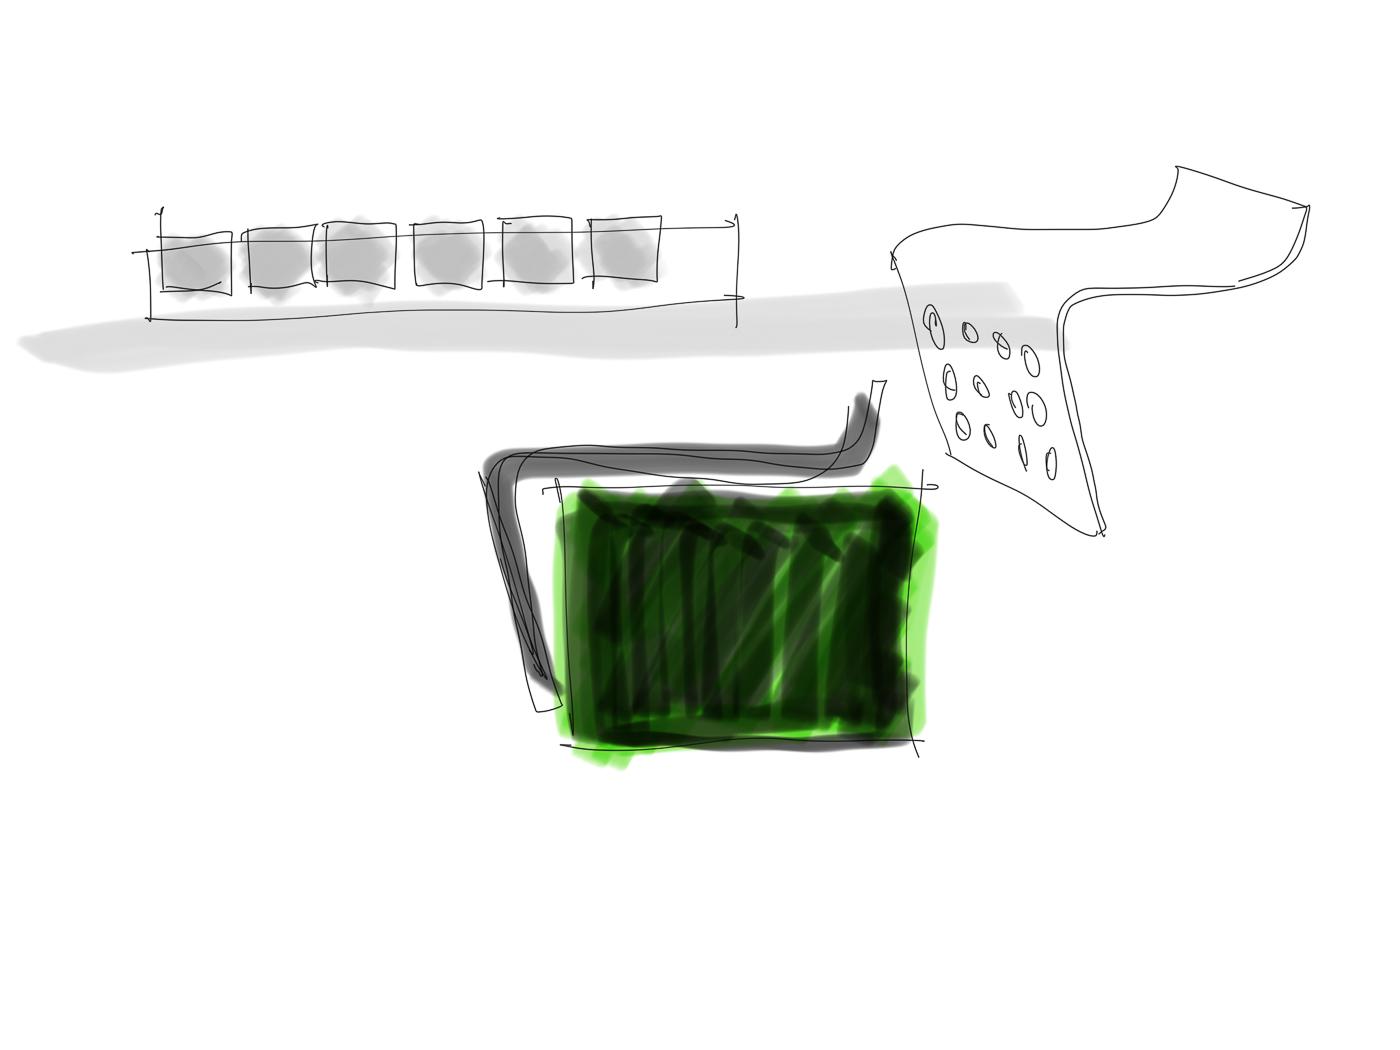 Sketch-11.jpg